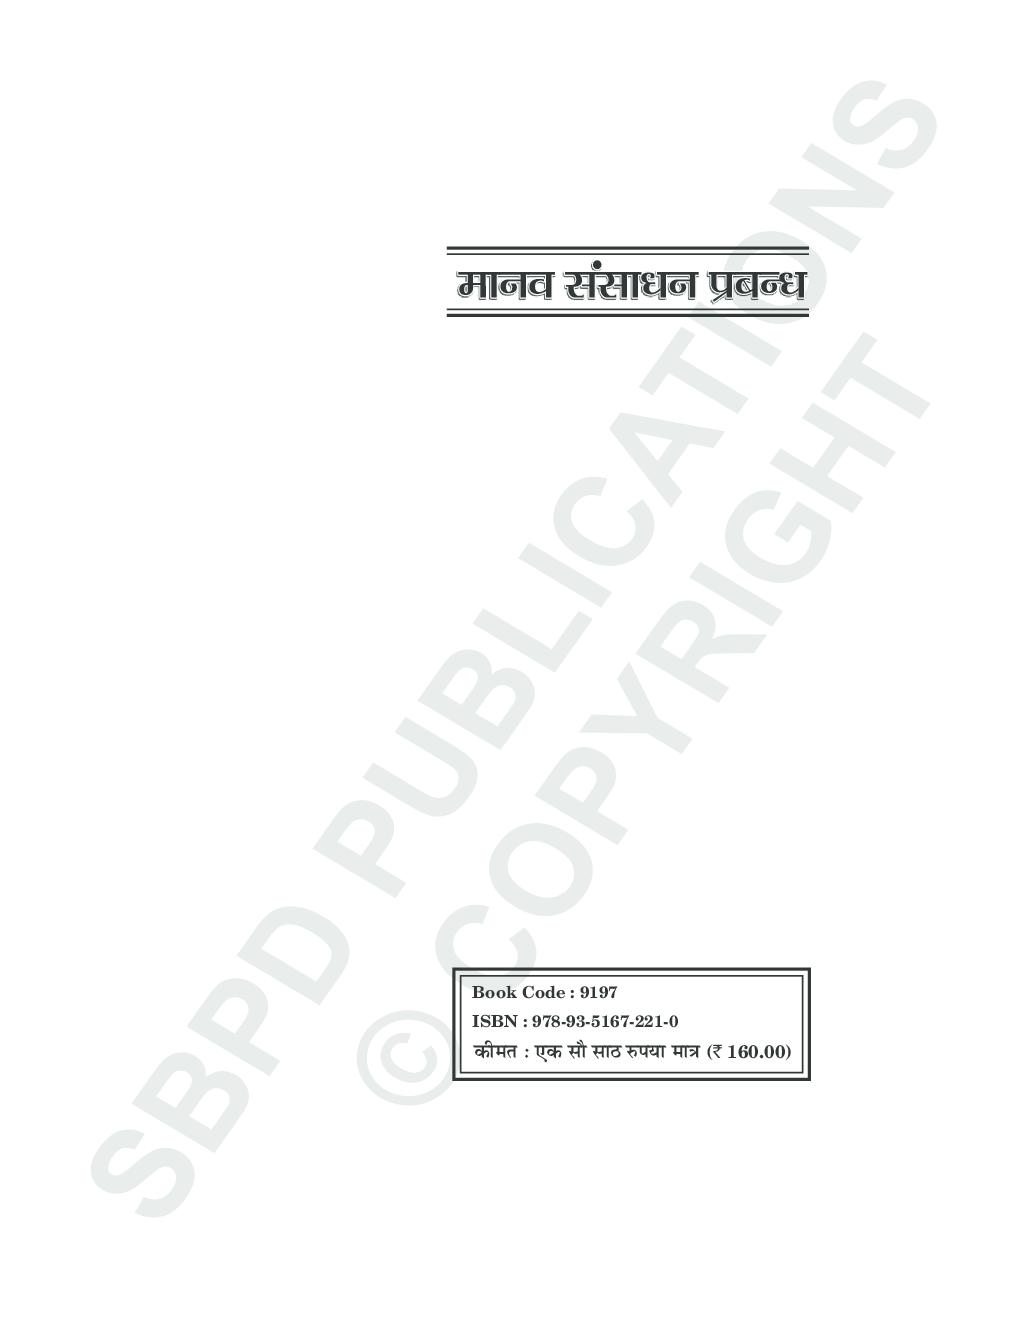 मानव संसाधन प्रबंधन B.Com. III के लिए - Page 2